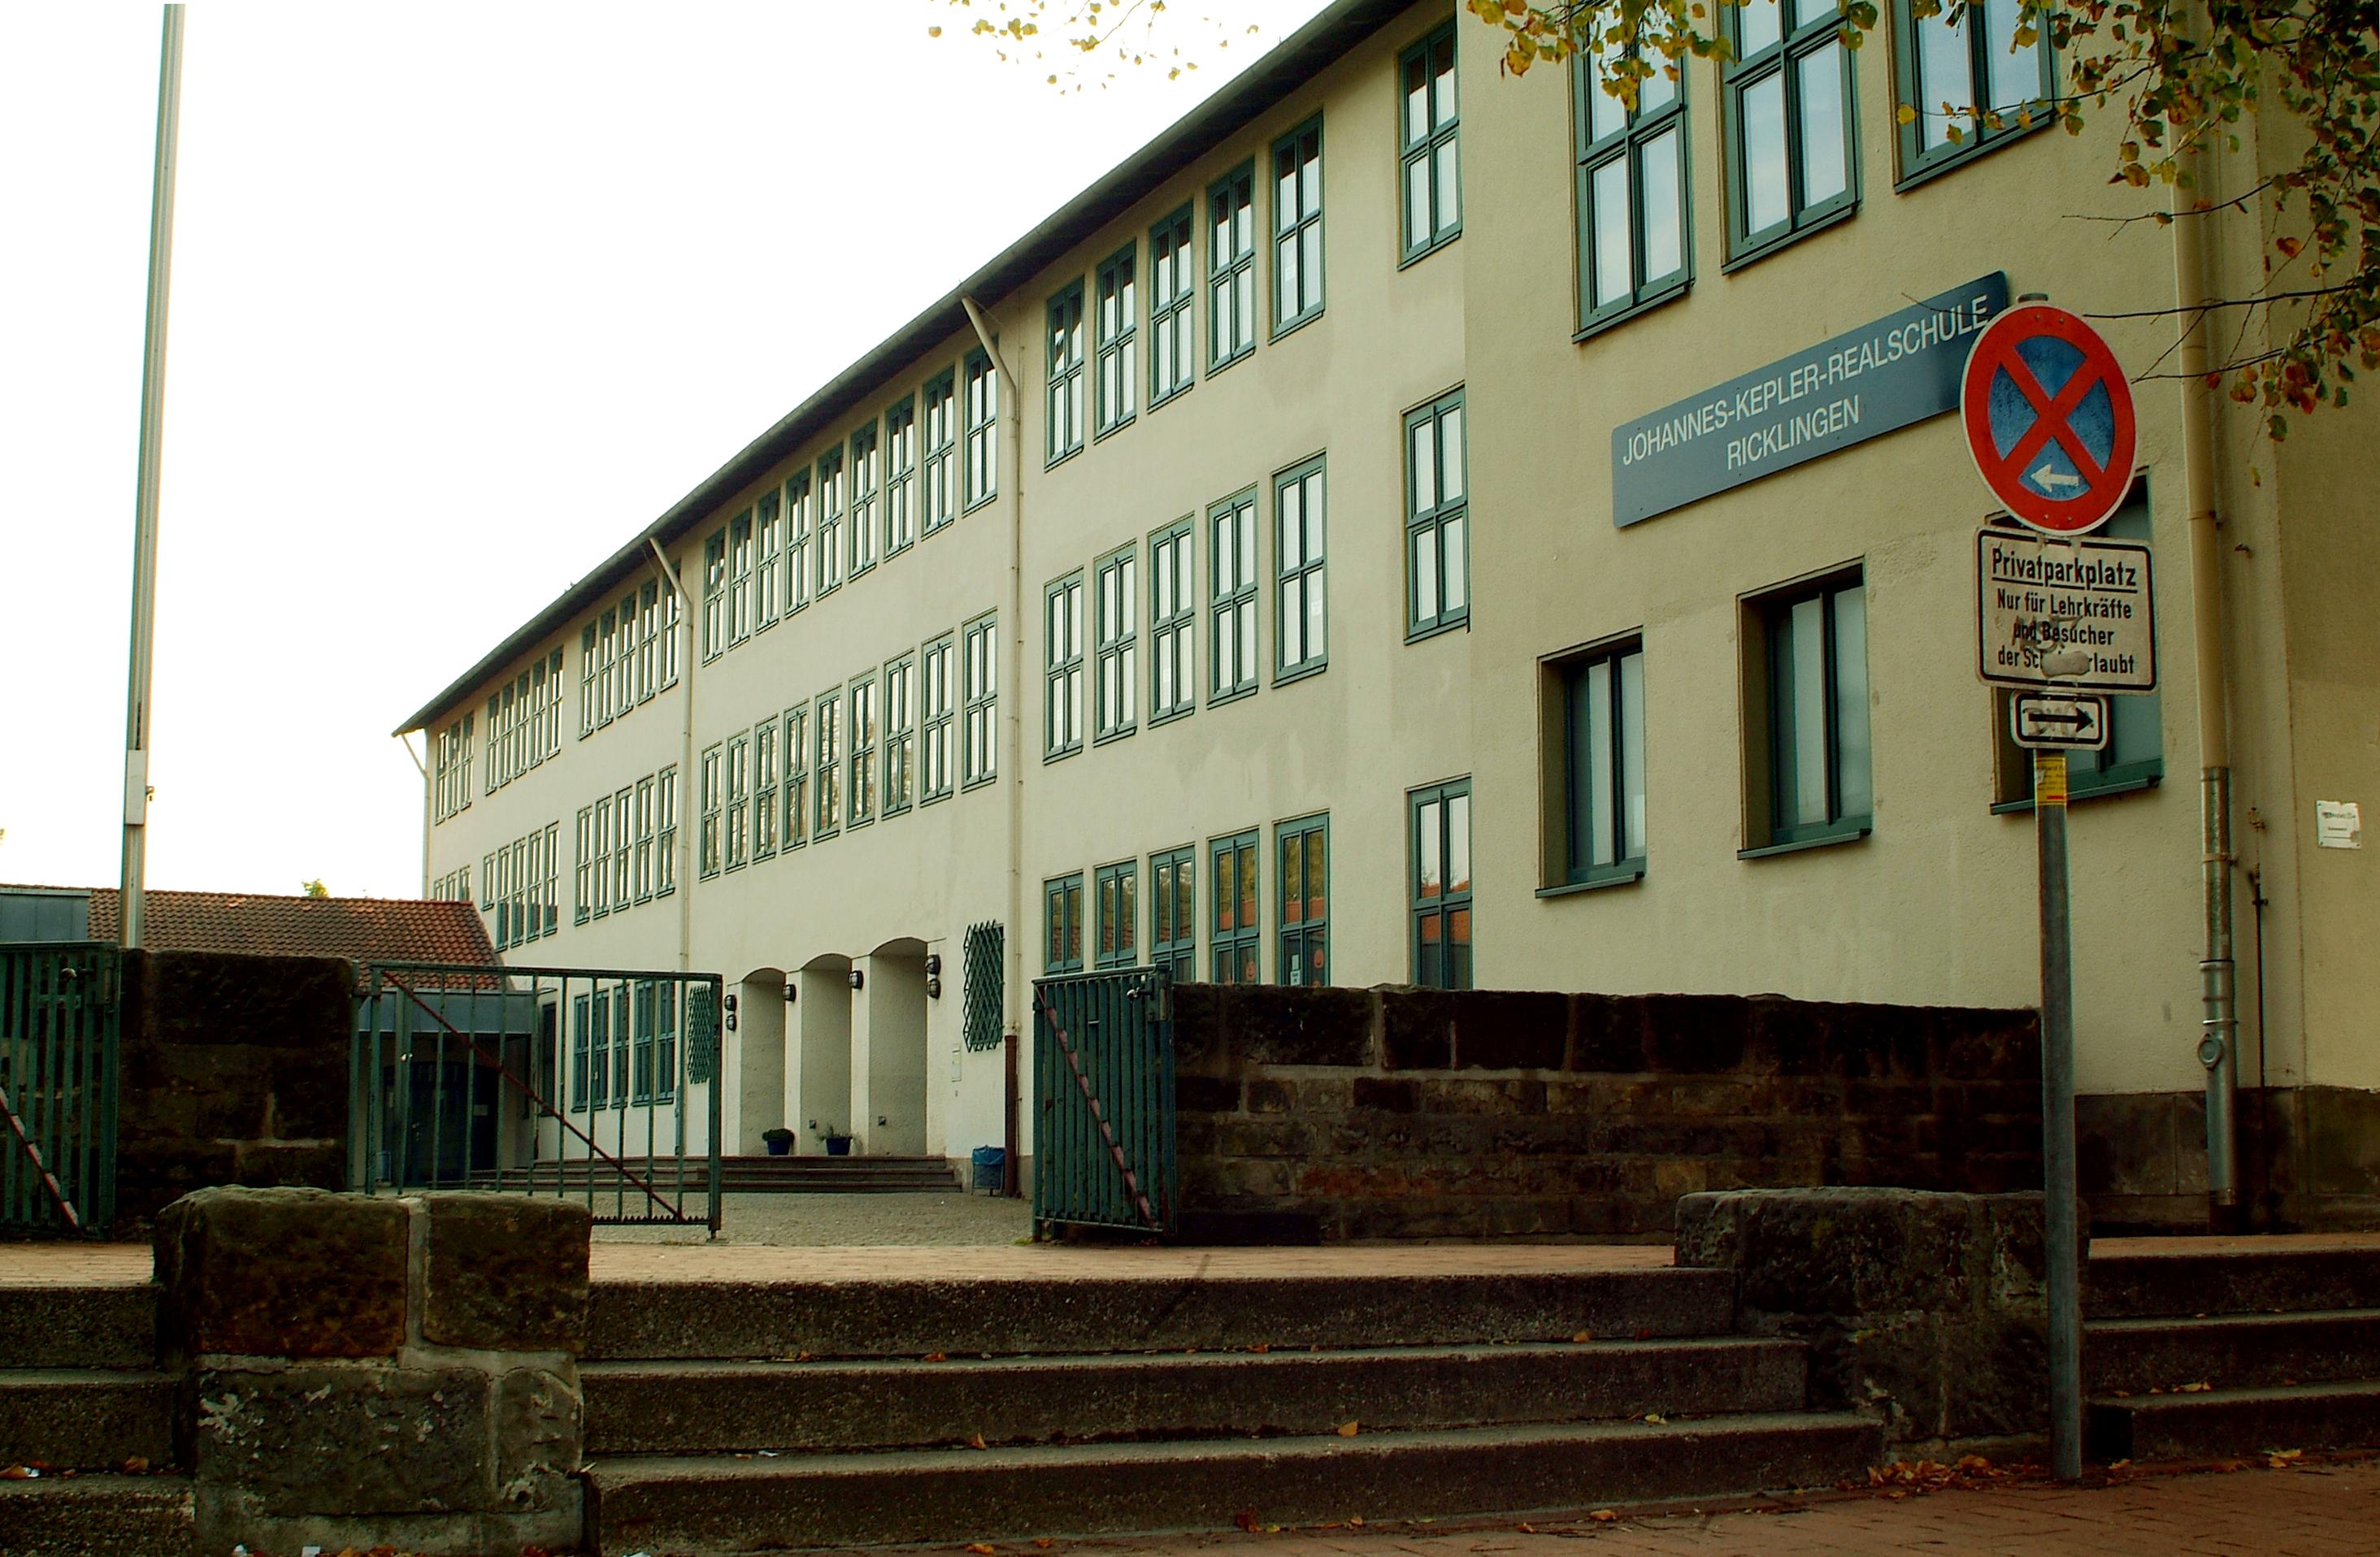 Treppen Hannover file johannes kepler realschule ricklingen hannover treppen zum